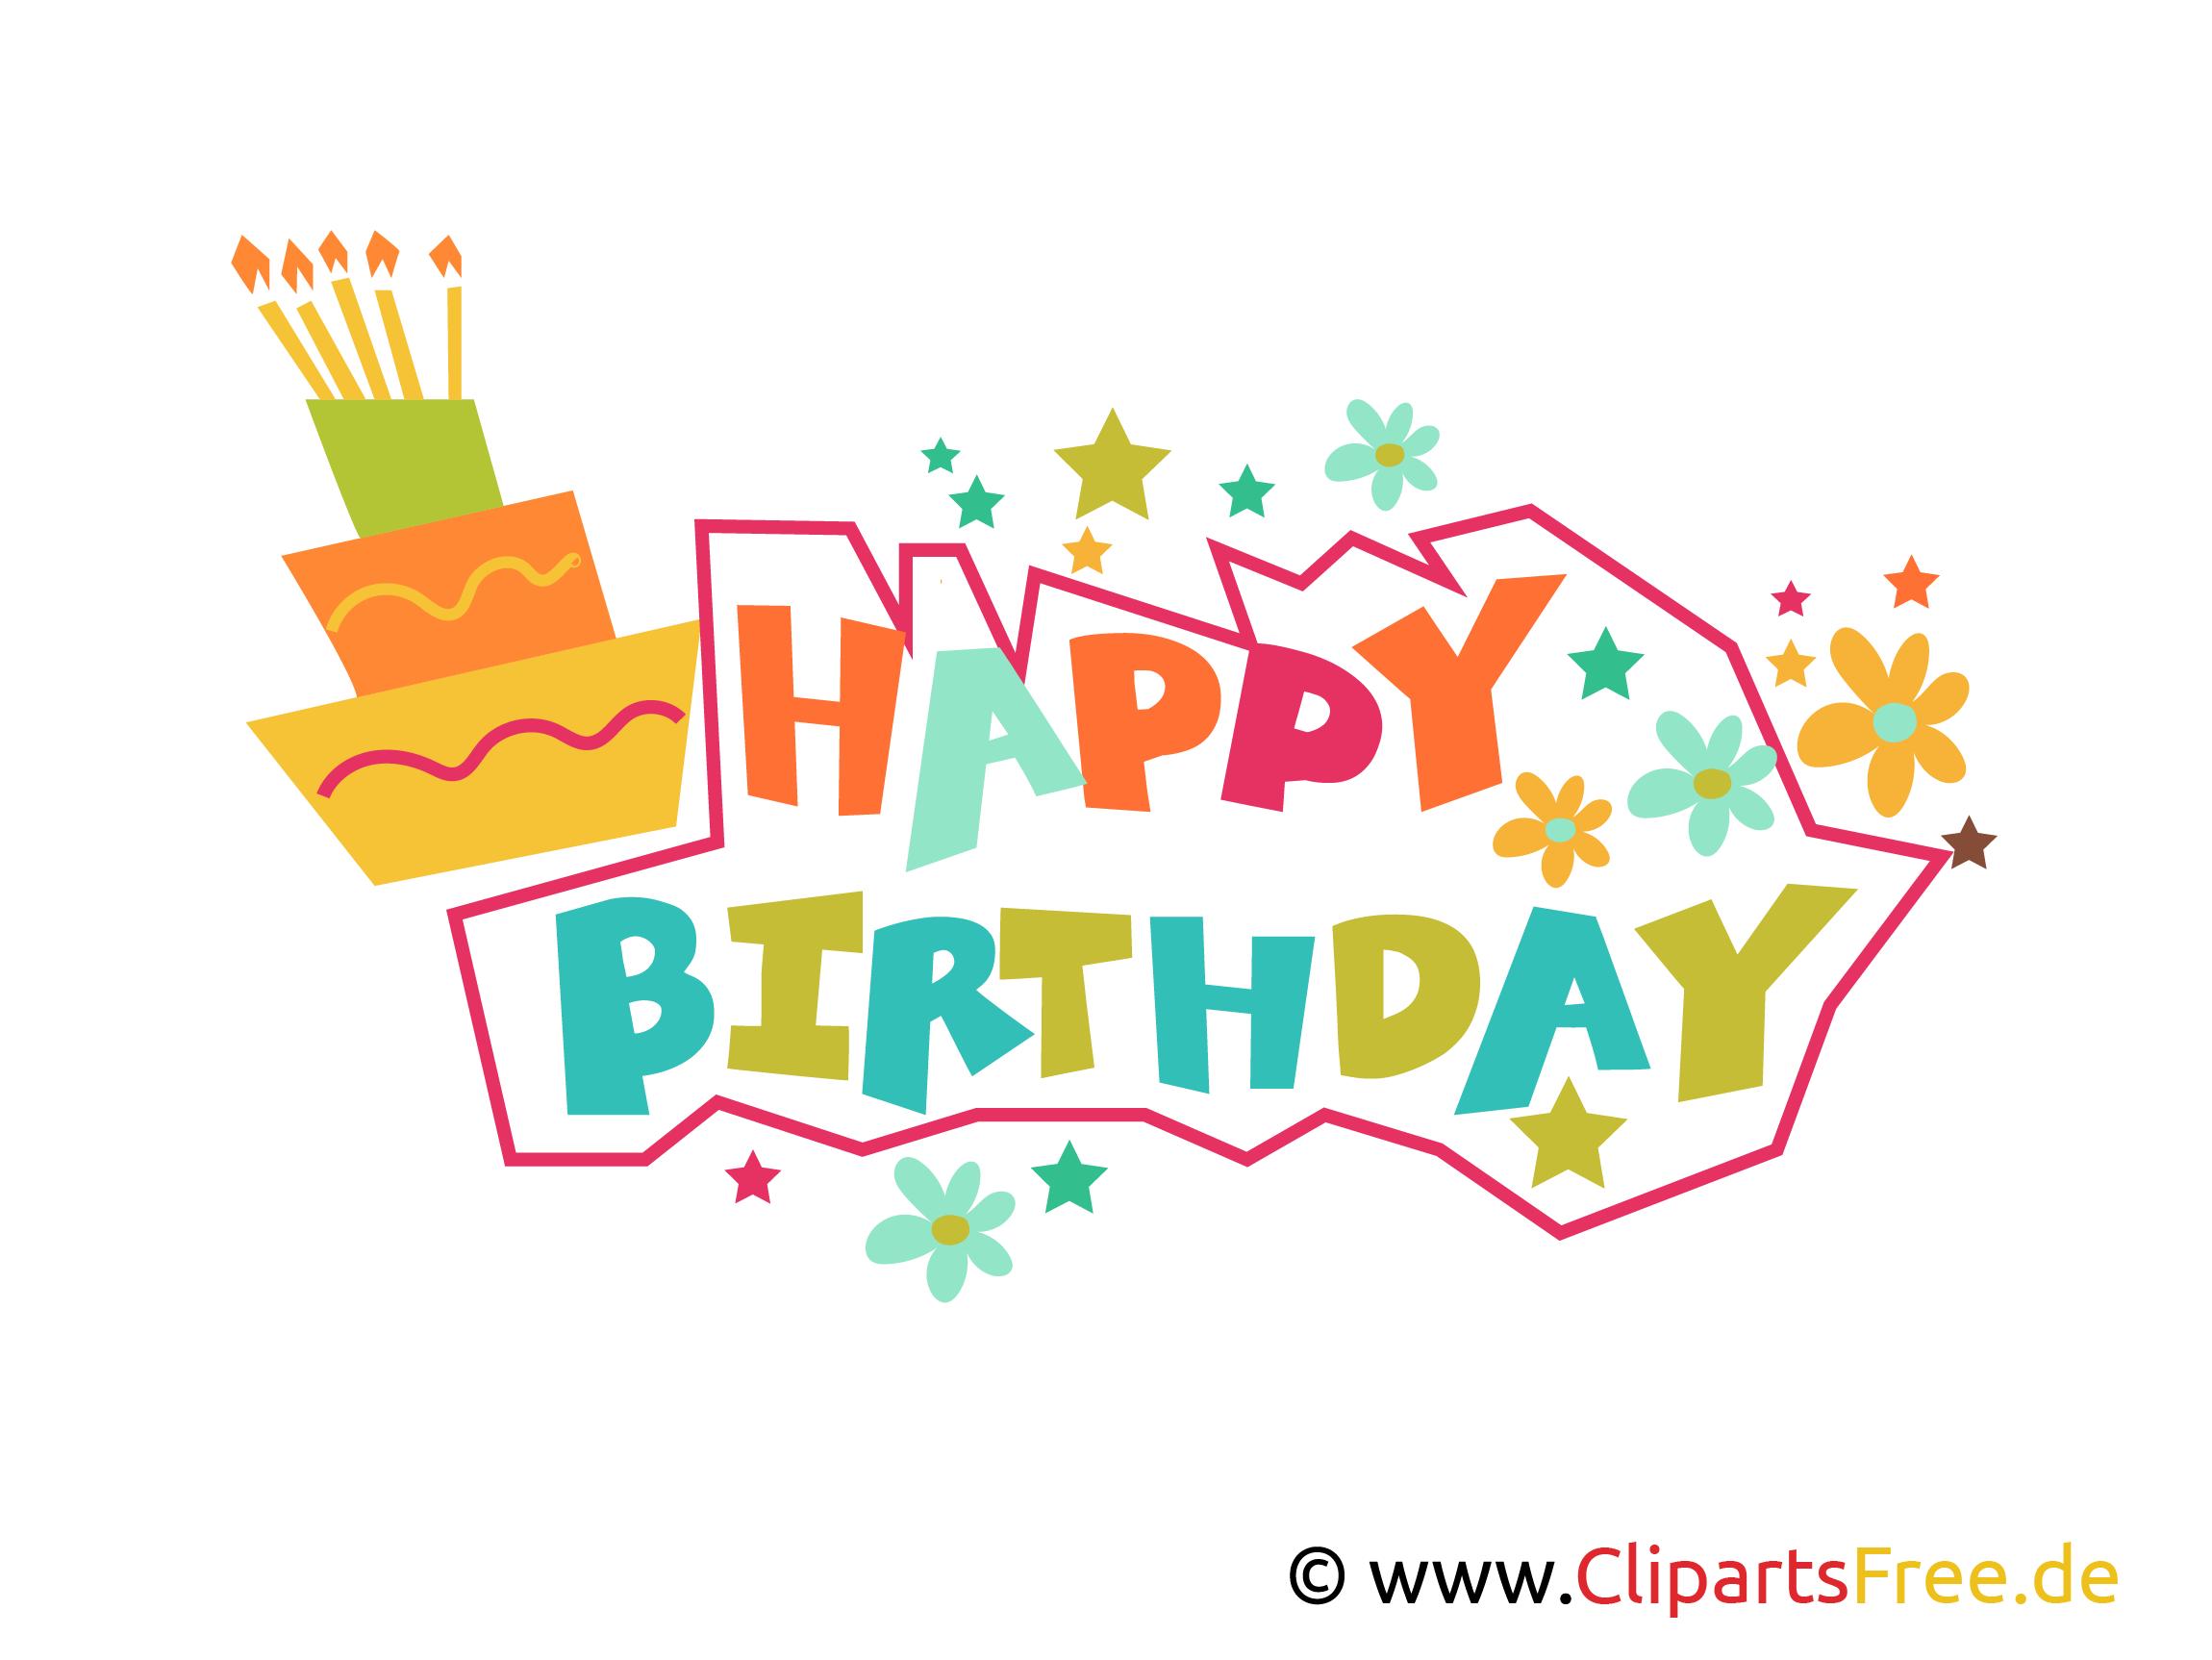 Happy Birthday Buchstaben kostenlos zum Drucken